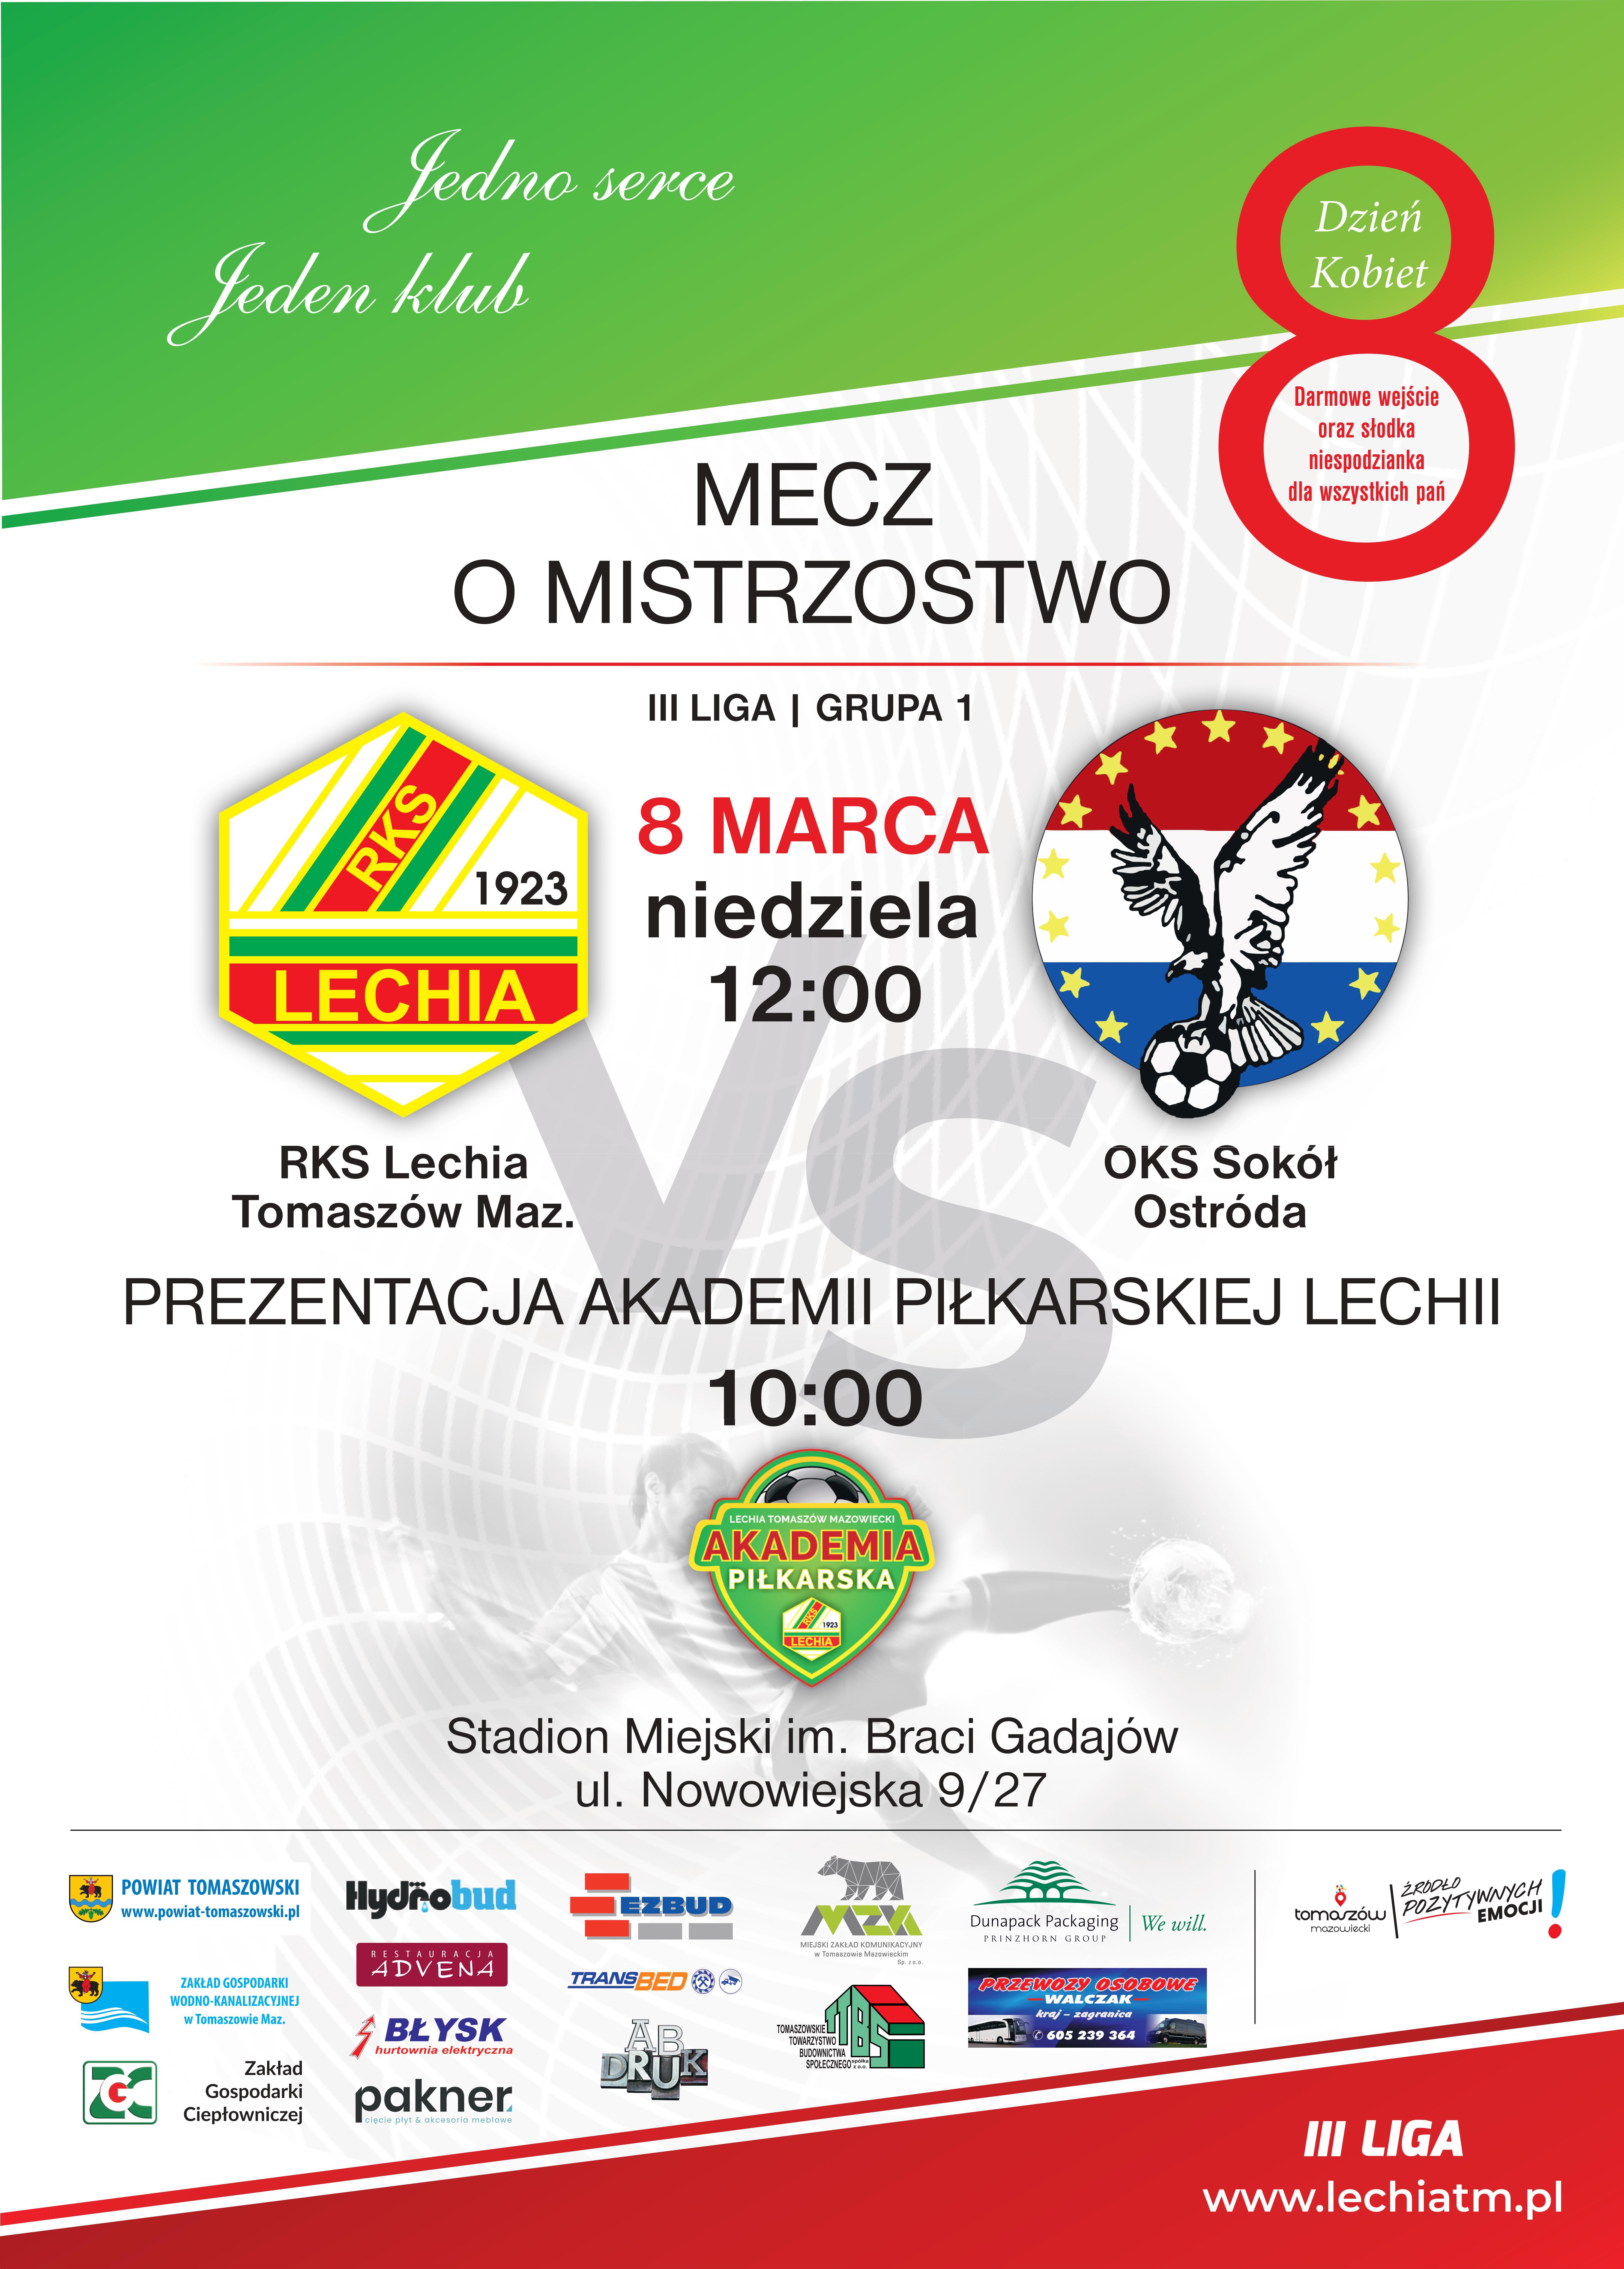 mecz RKS Lechia OKS Sokół Ostróda plakat